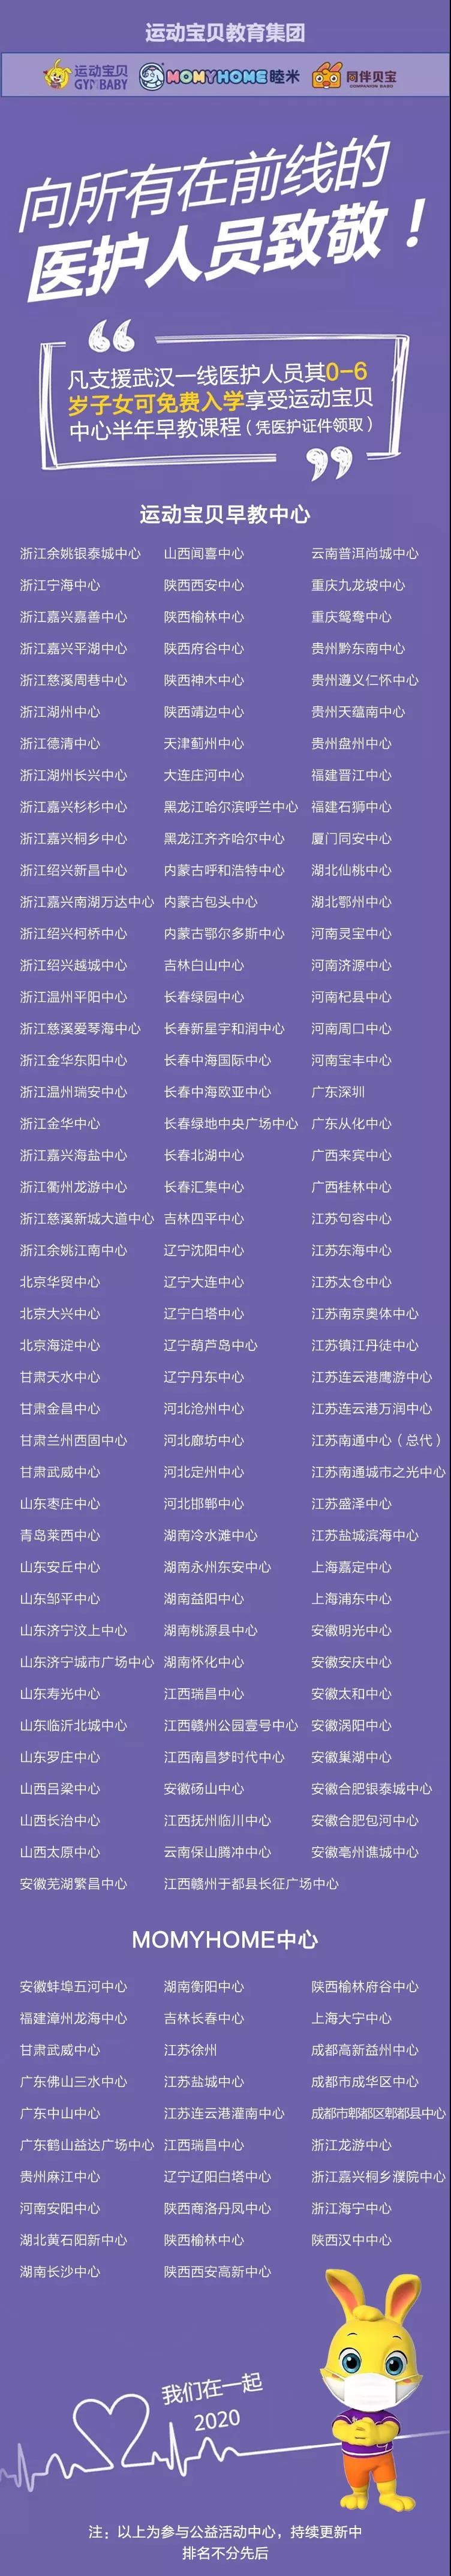 向逆行者致敬:运动宝贝集团为支援武汉前线的医护人员子女提供免费早教课程